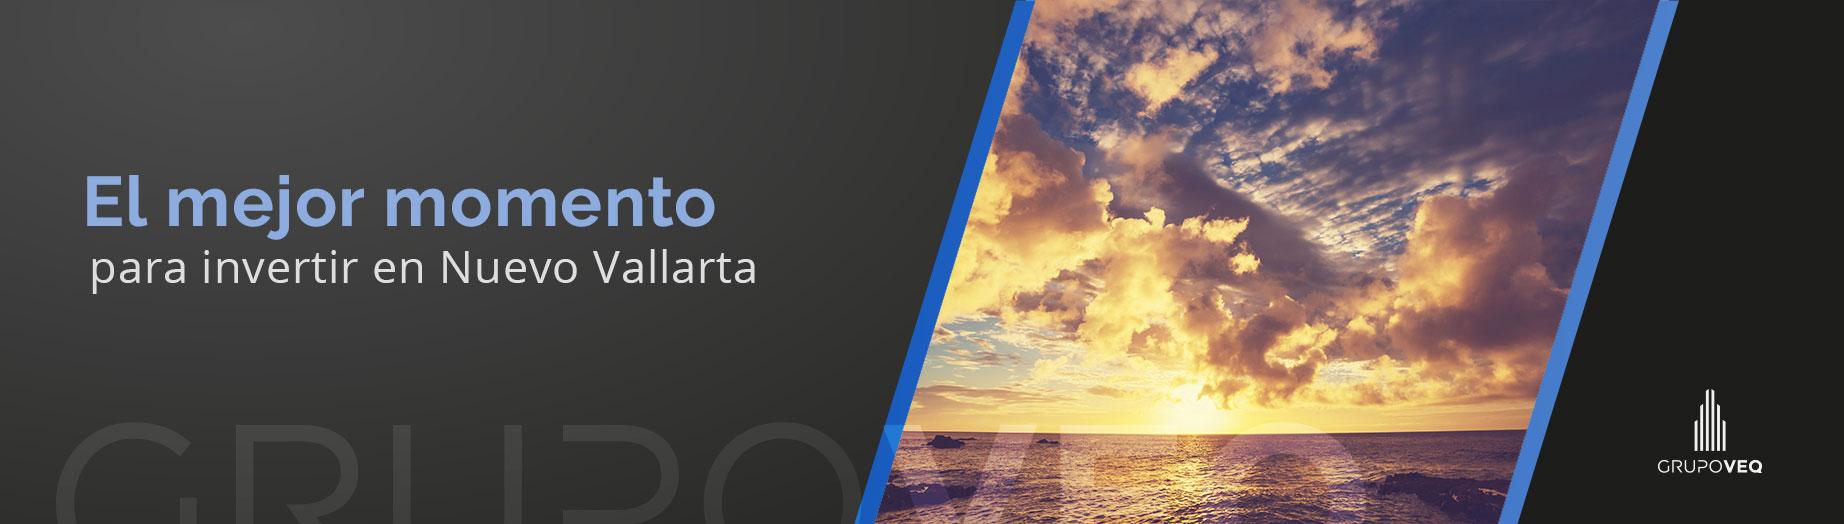 El-mejor-momento-para-invertir-en-Nuevo-Vallarta